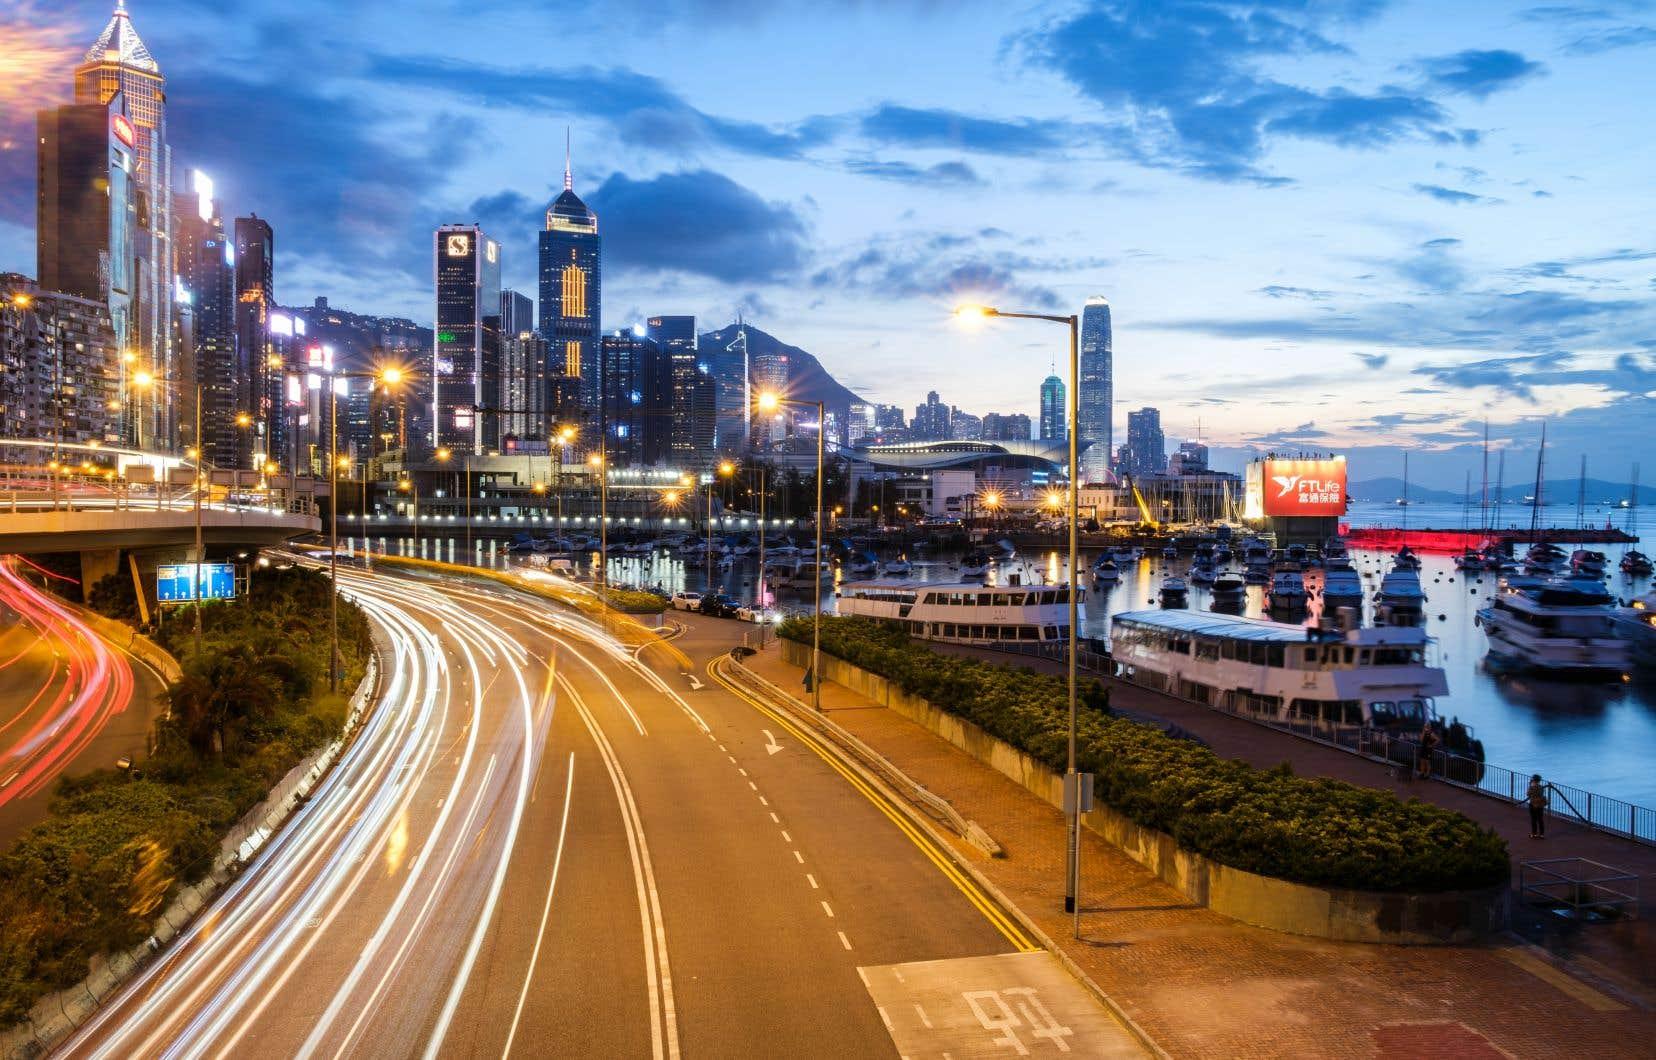 Hong Kong offre à la fois un accès direct à ce fabuleux marché chinois et un cadre compatible avec une économie de service moderne et ouverte sur le monde.